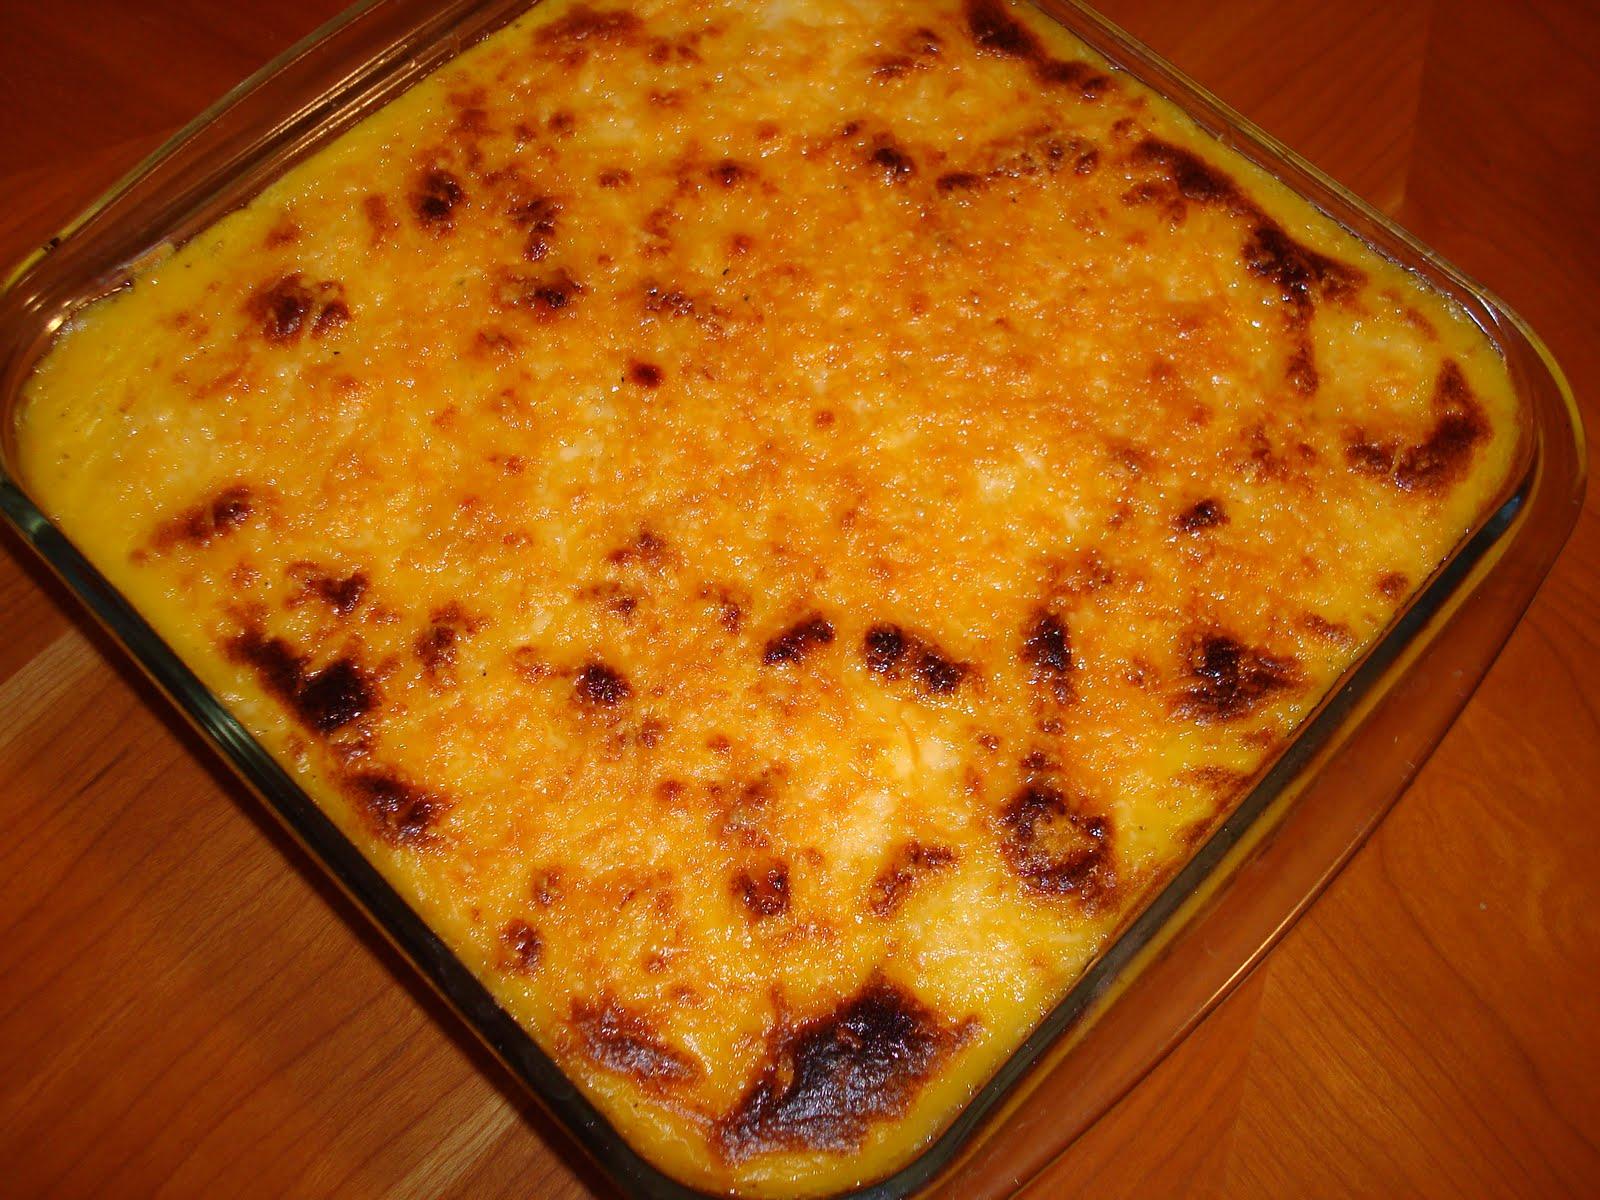 Chicane recetas de cocina estofado de ternera con pur - Gratinado de patata ...